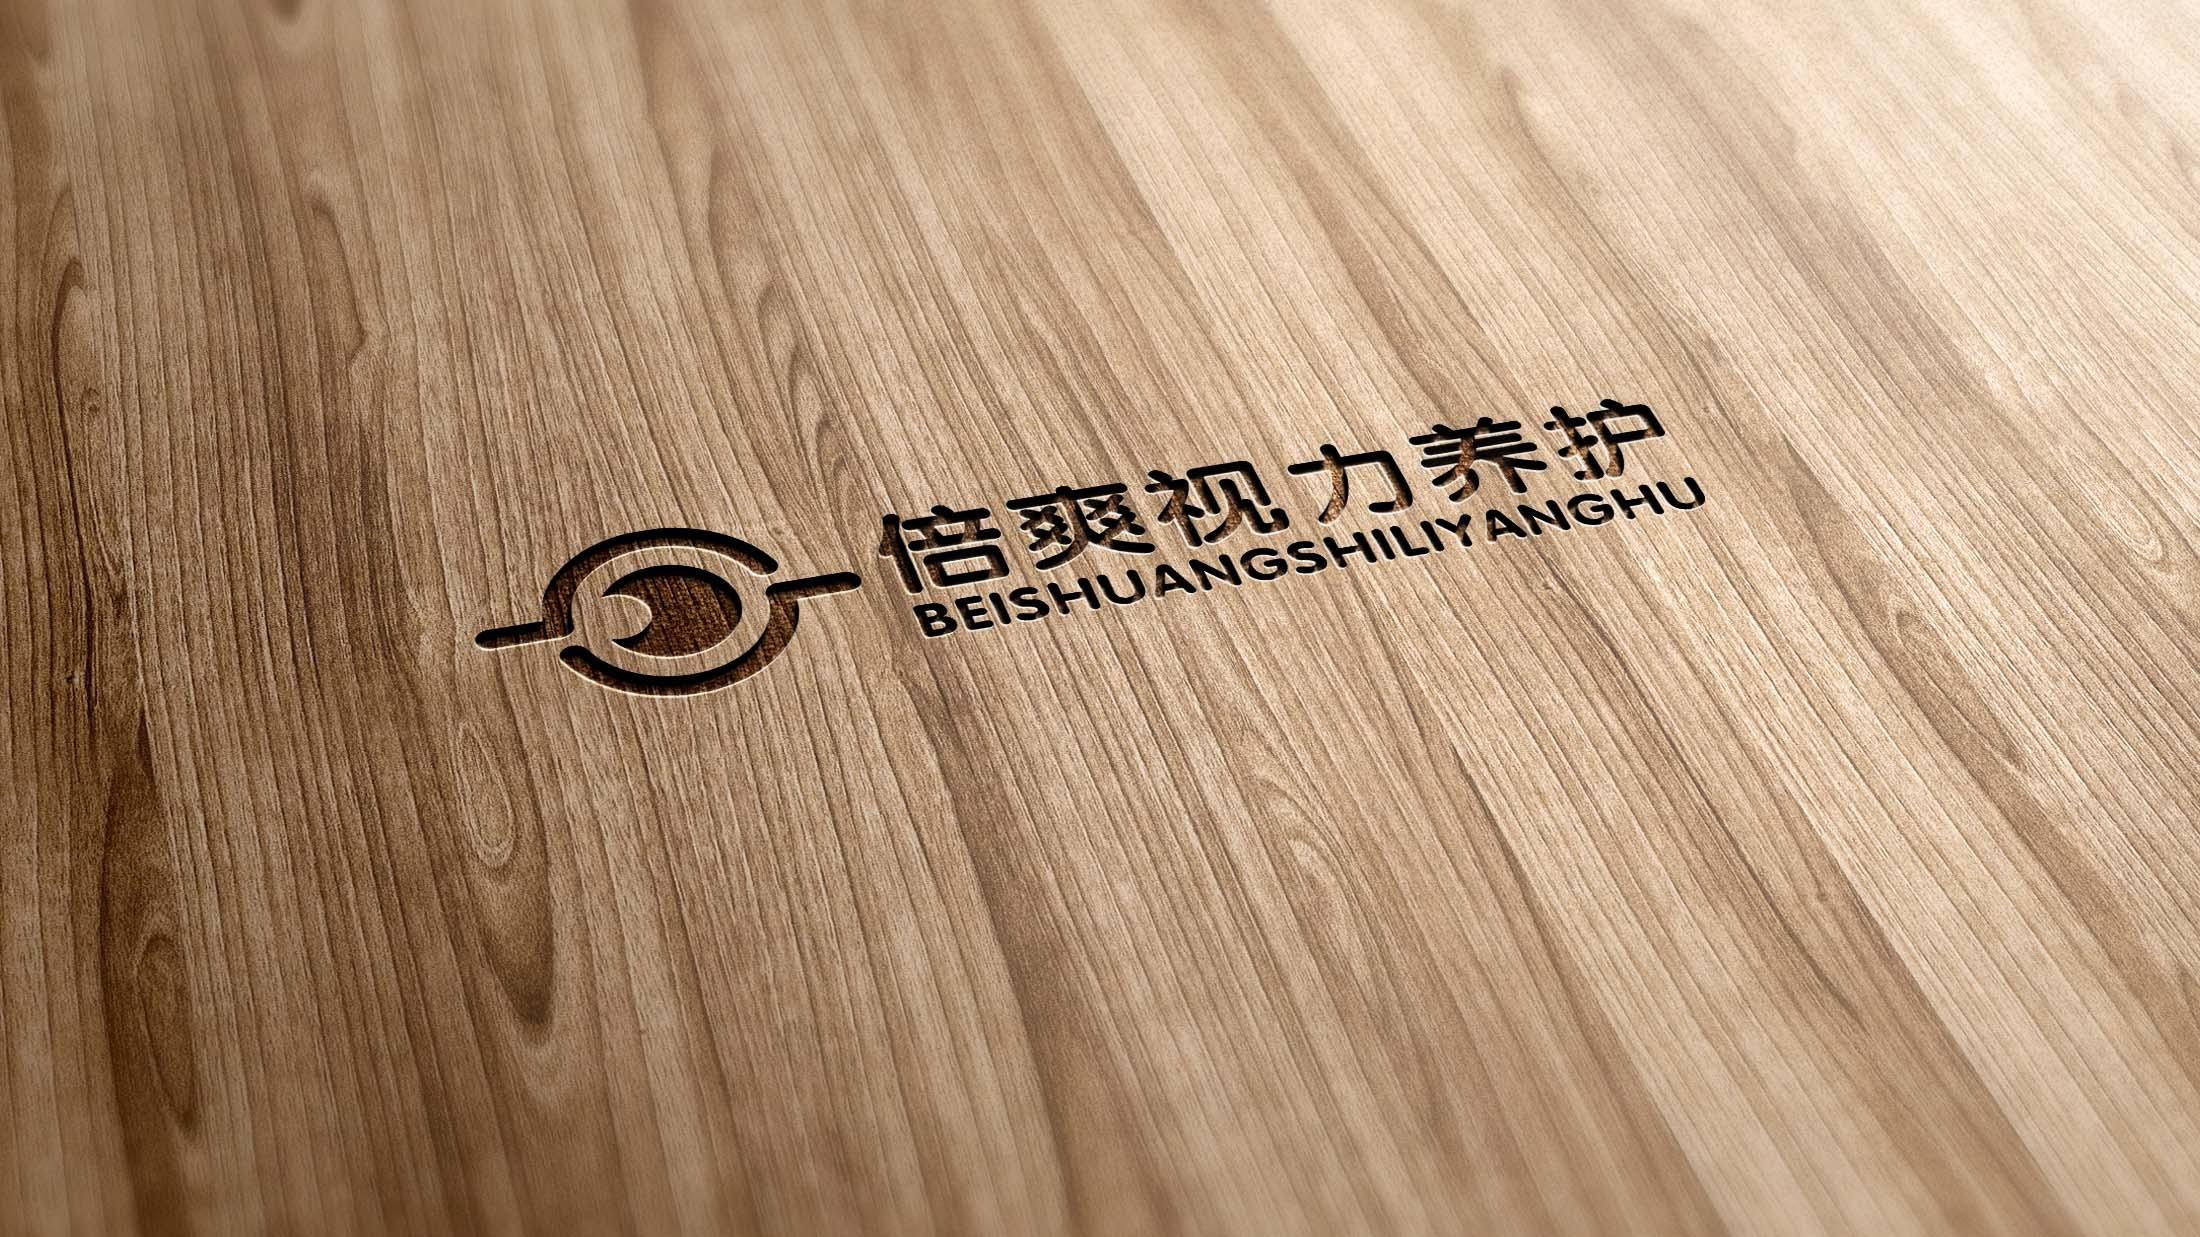 义乌倍爽视力养护中心logo设计_2994703_k68威客网